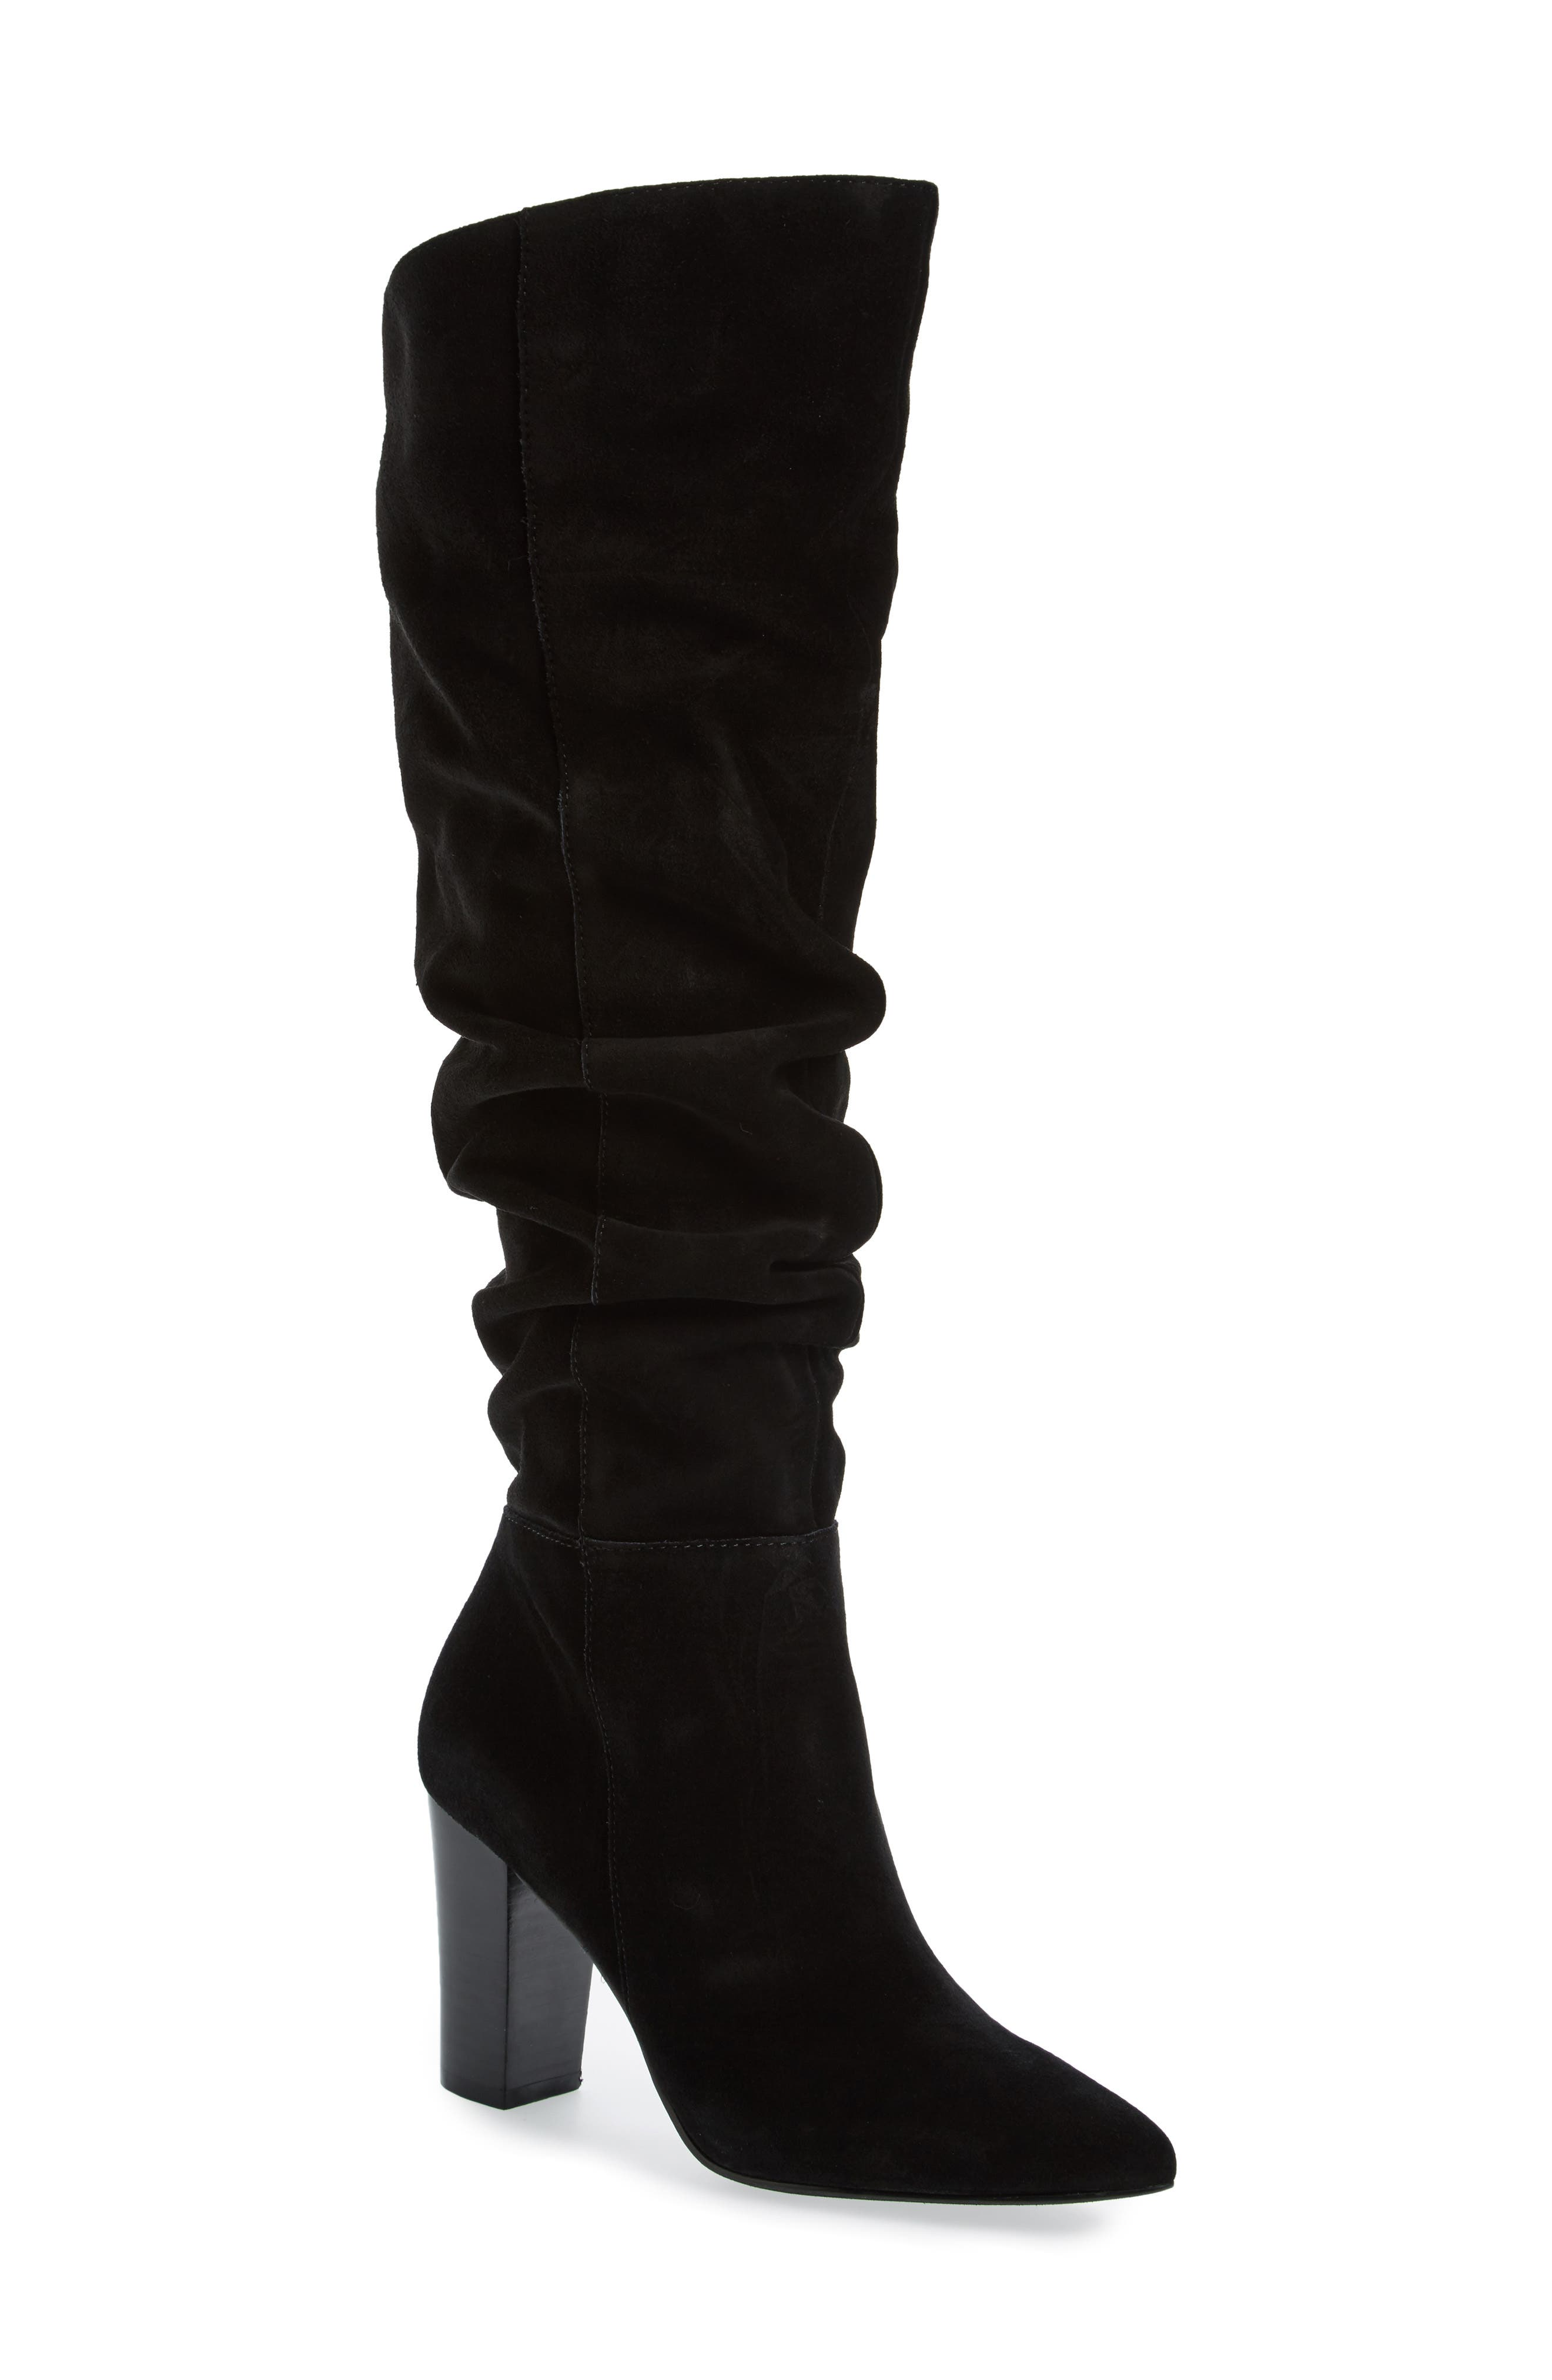 Treasure & Bond x Something Navy Aiden Knee High Boot (Women)